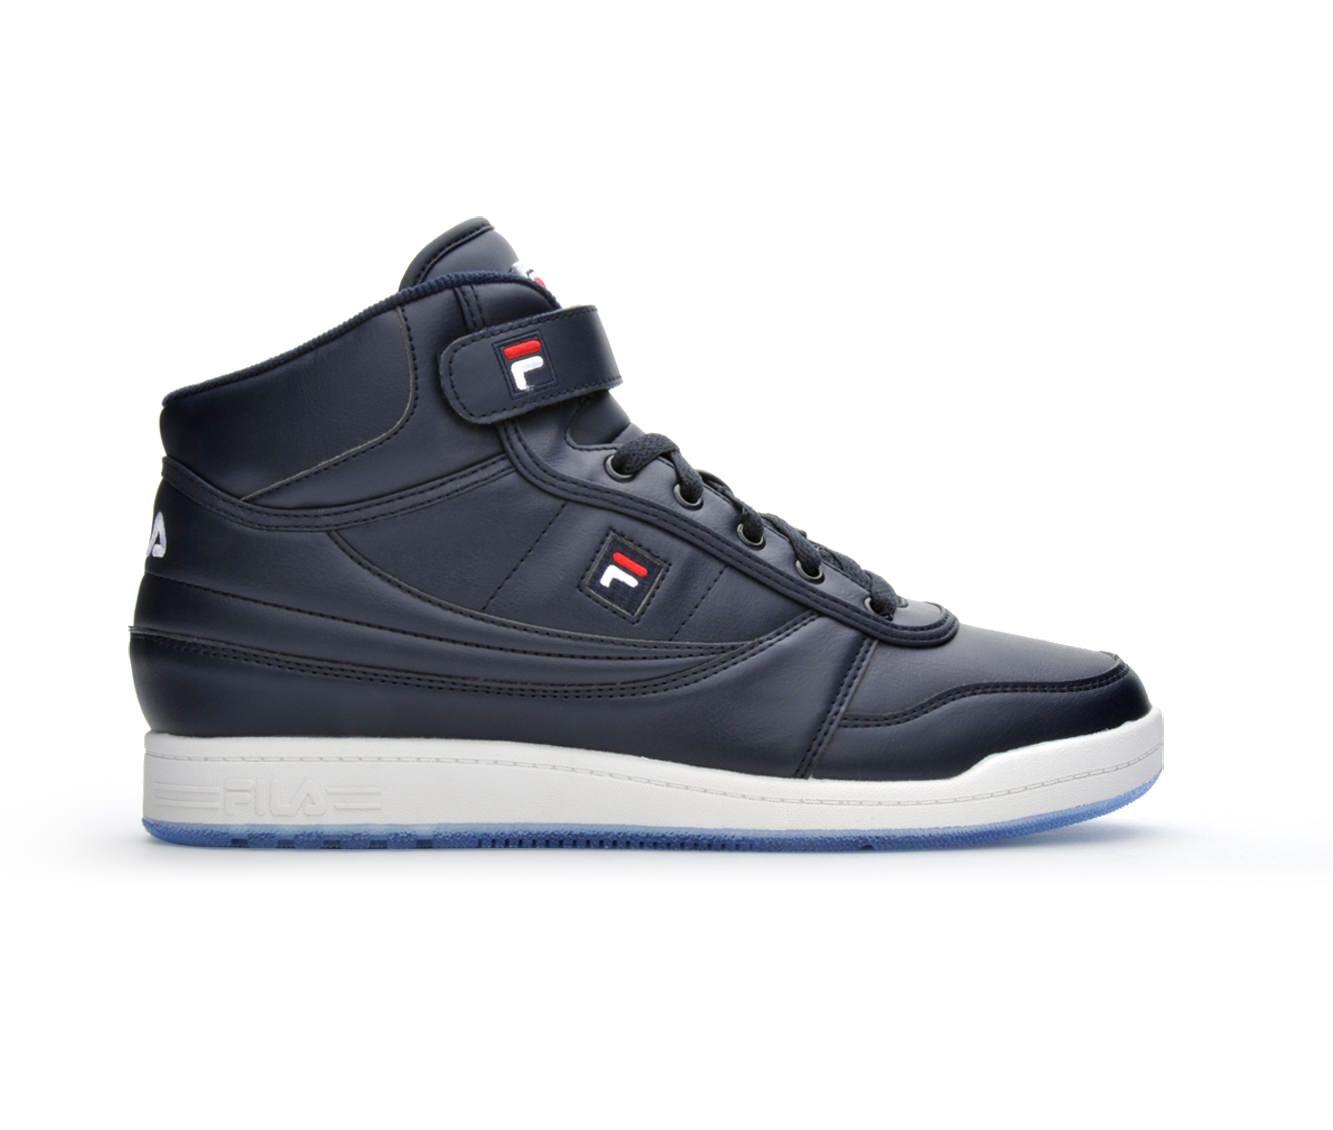 Men's Fila BBN 84 Ice Mid Top Retro Sneakers sale best wholesale great deals cheap online largest supplier pictures sale online z3d4N